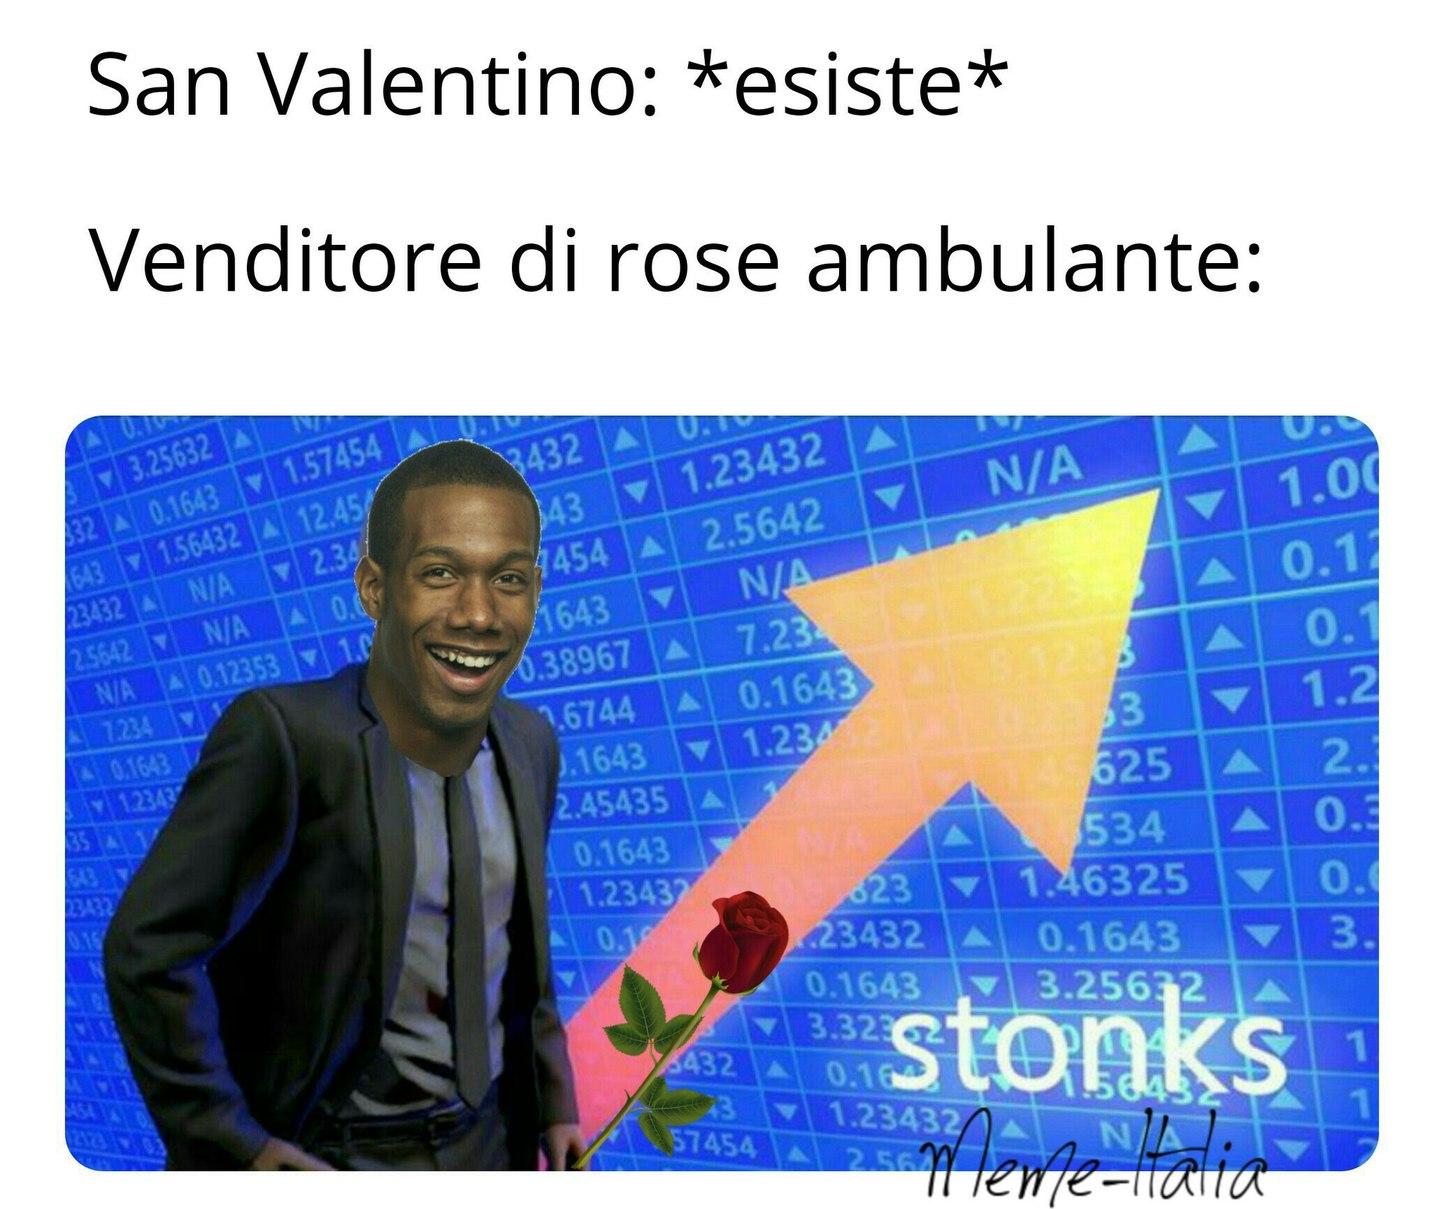 Volere tu una rosa? - meme